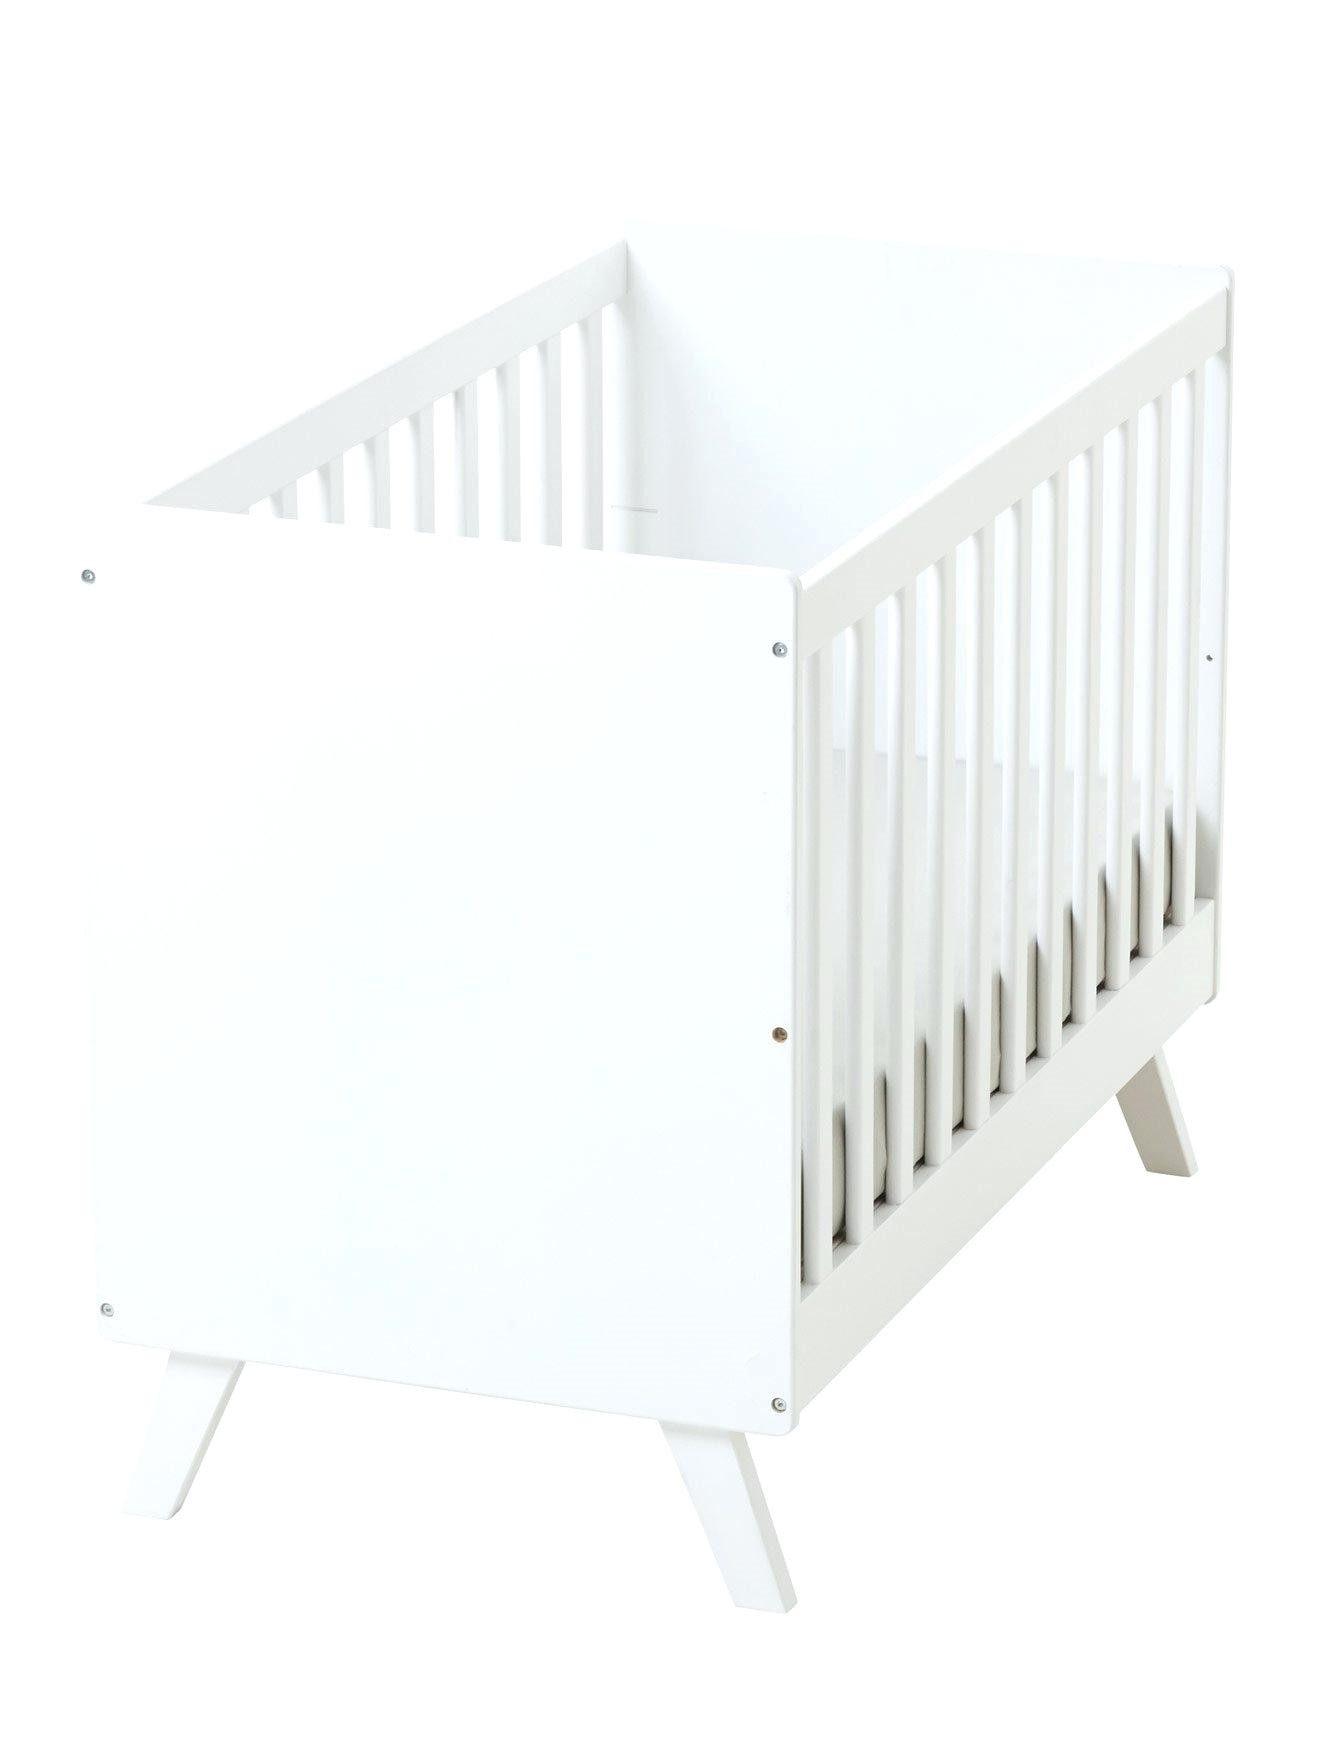 Lit Blanc Bebe Meilleur De Baignoire Pliante Bébé Beautiful Lit Bebe Luxe 36 Ikea Best De Avec